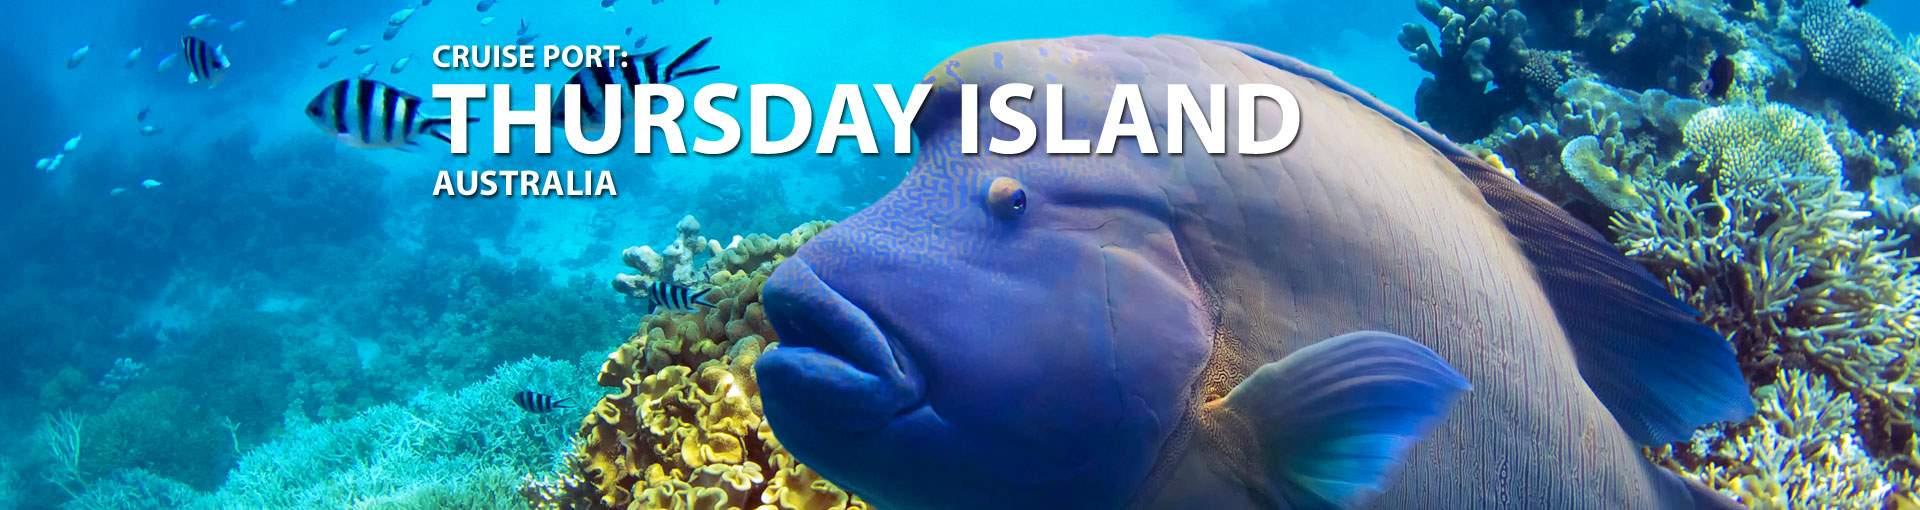 Cruises to Thursday Island, Australia